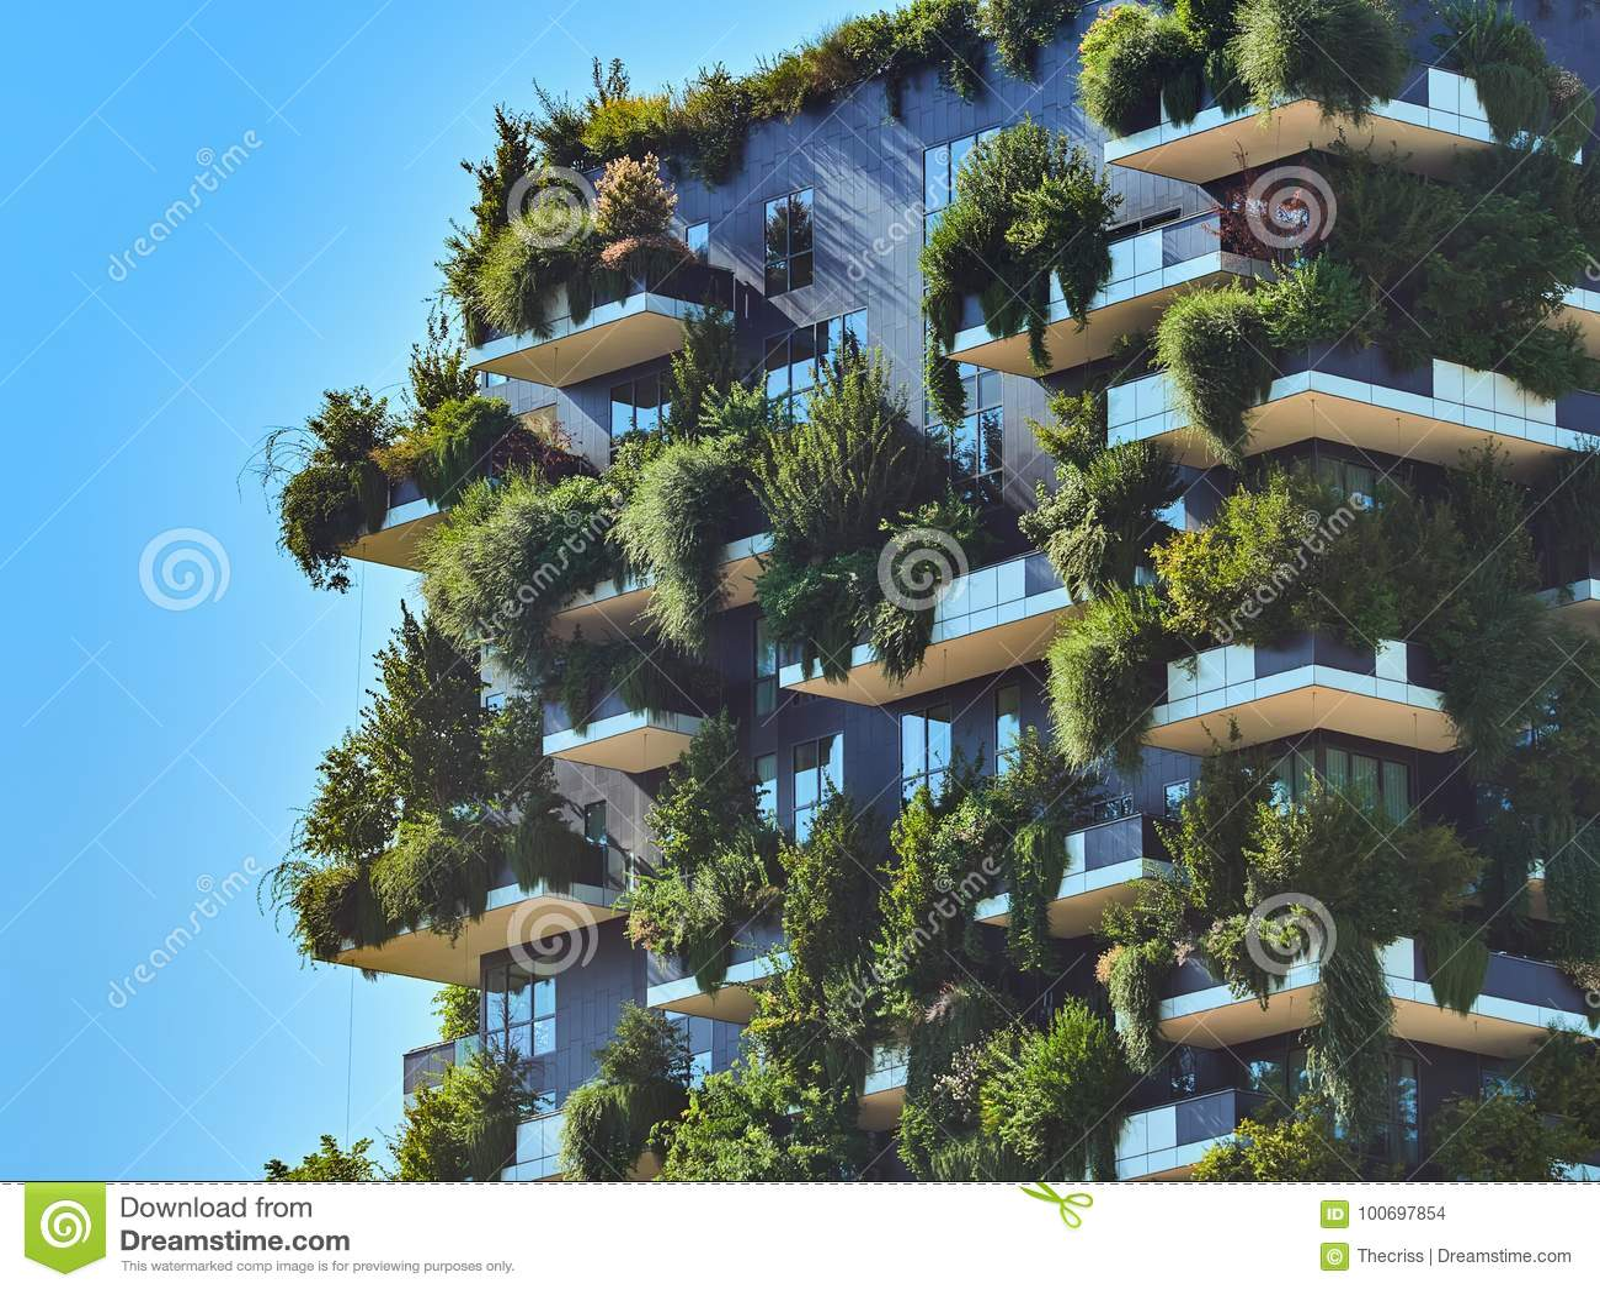 Bosco Verticale Vertical Forest Designed por Stefano Boeri, arquitetura sustentável no distrito de Porta Nuova, em Milão